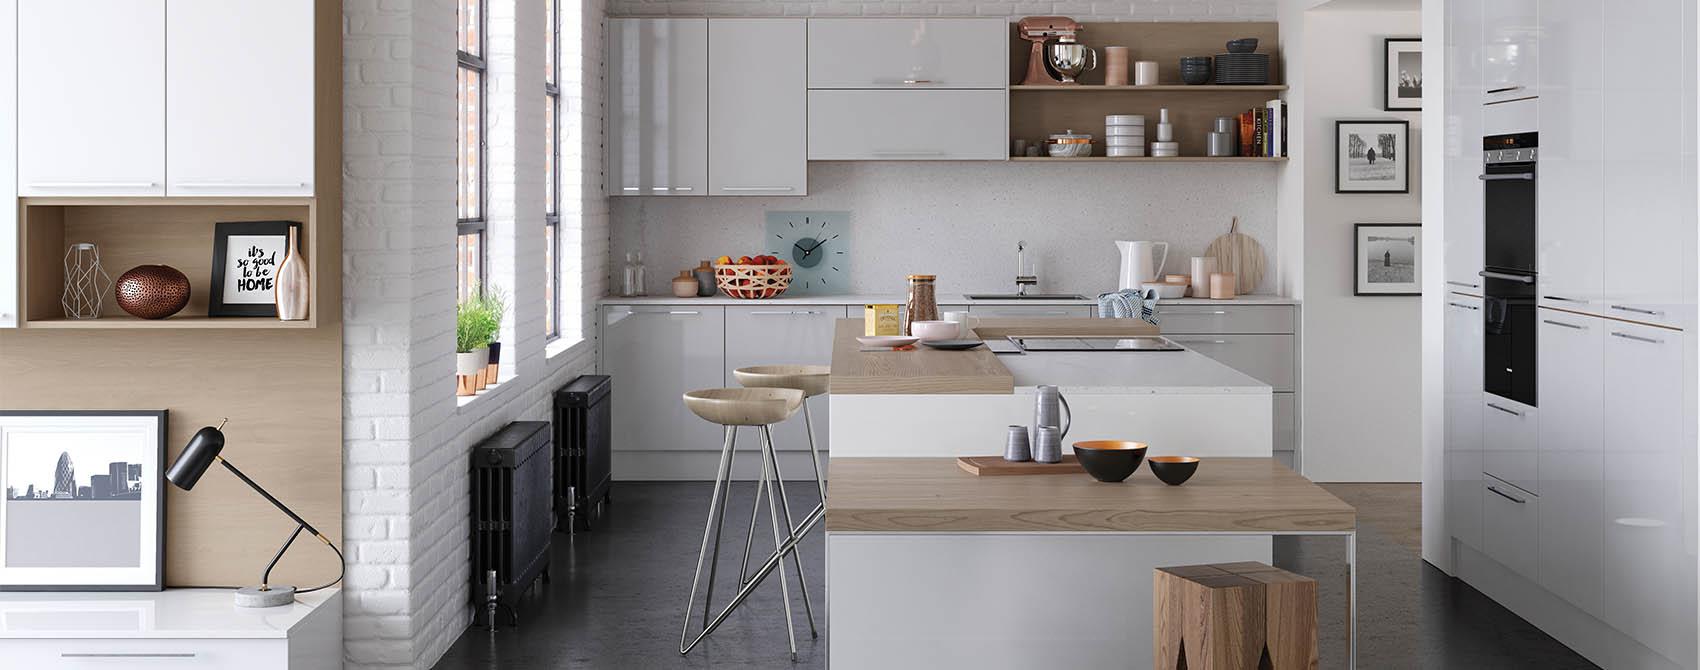 Ikea Gloss White